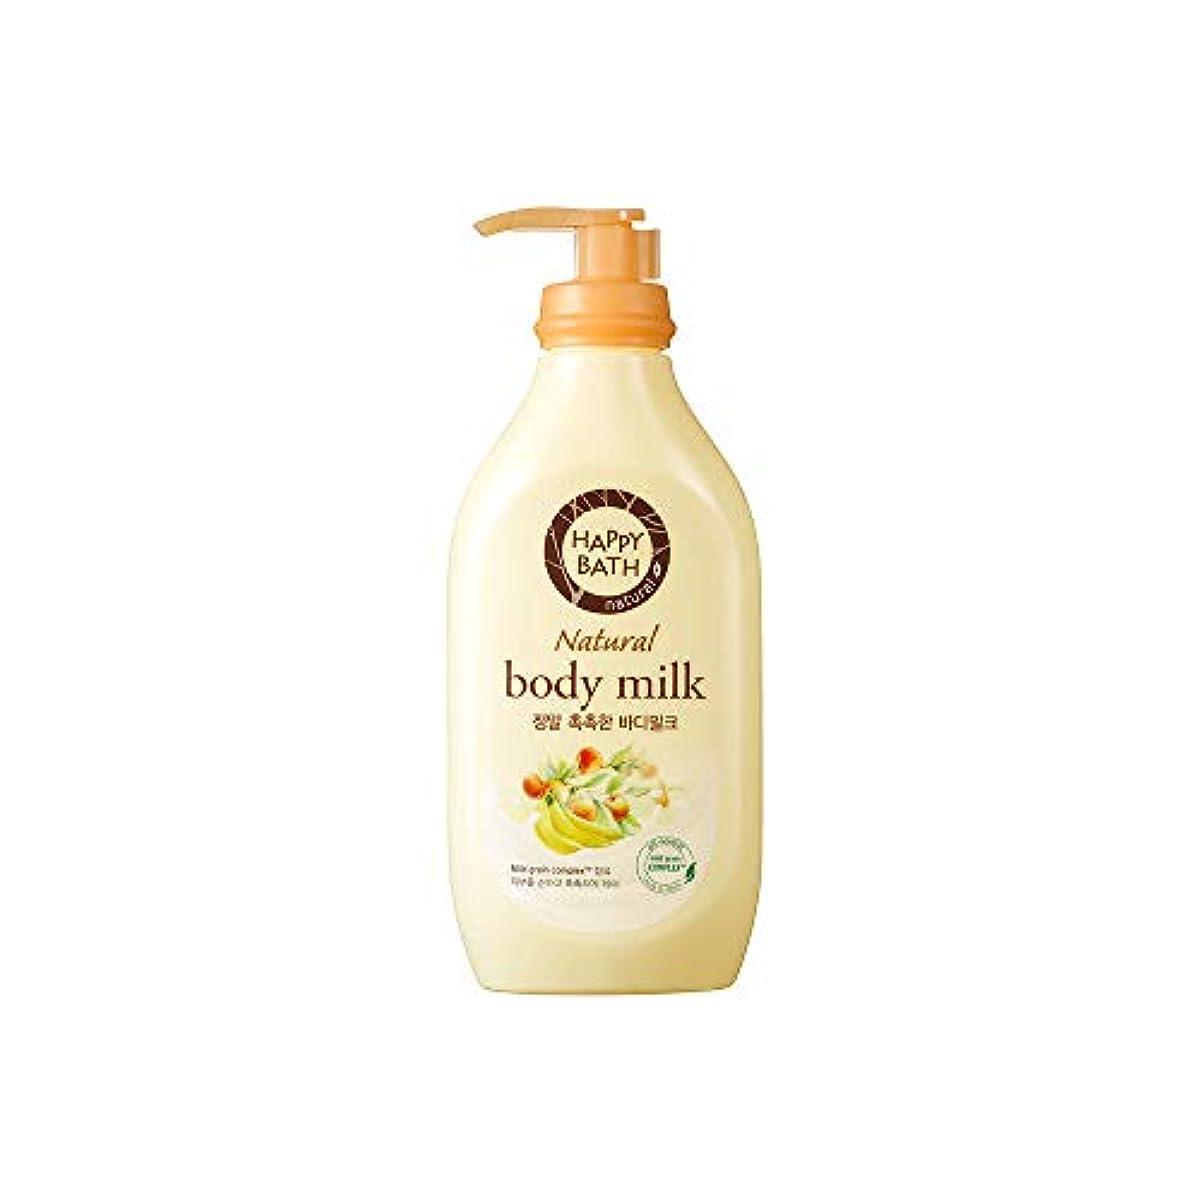 クリーナーキャプチャーきらめき[HAPPY BATH] ハッピーバス ナチュラルボディミルク しっとりタイプ ボディローション 450ml (moisture body milk 450ml)